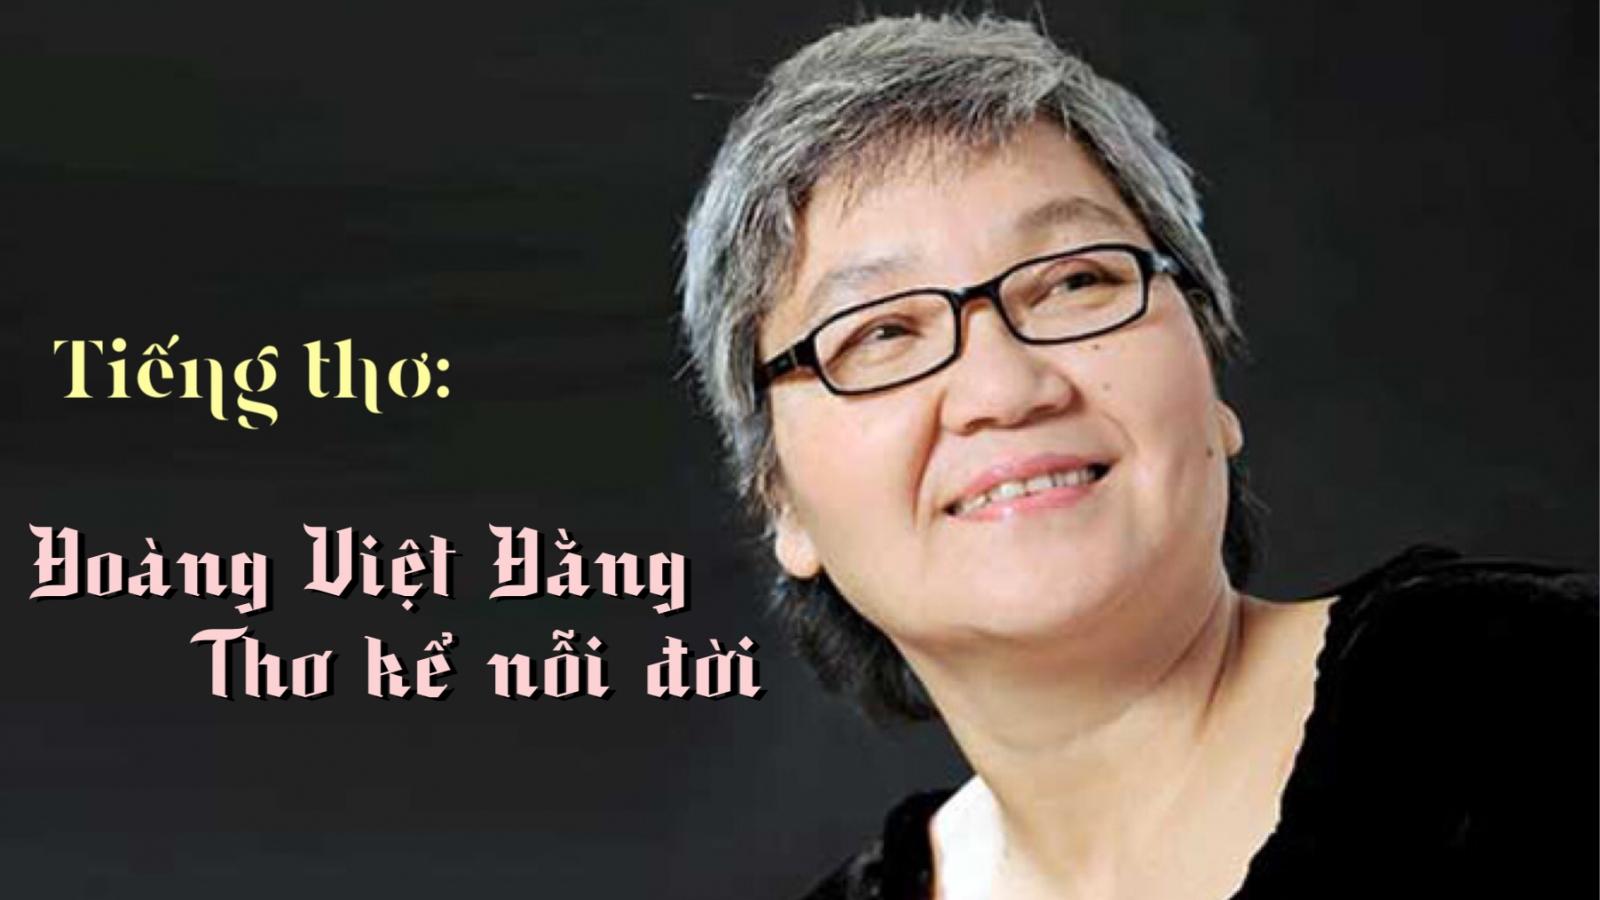 Hoàng Việt Hằng: Thơ kể nỗi đời